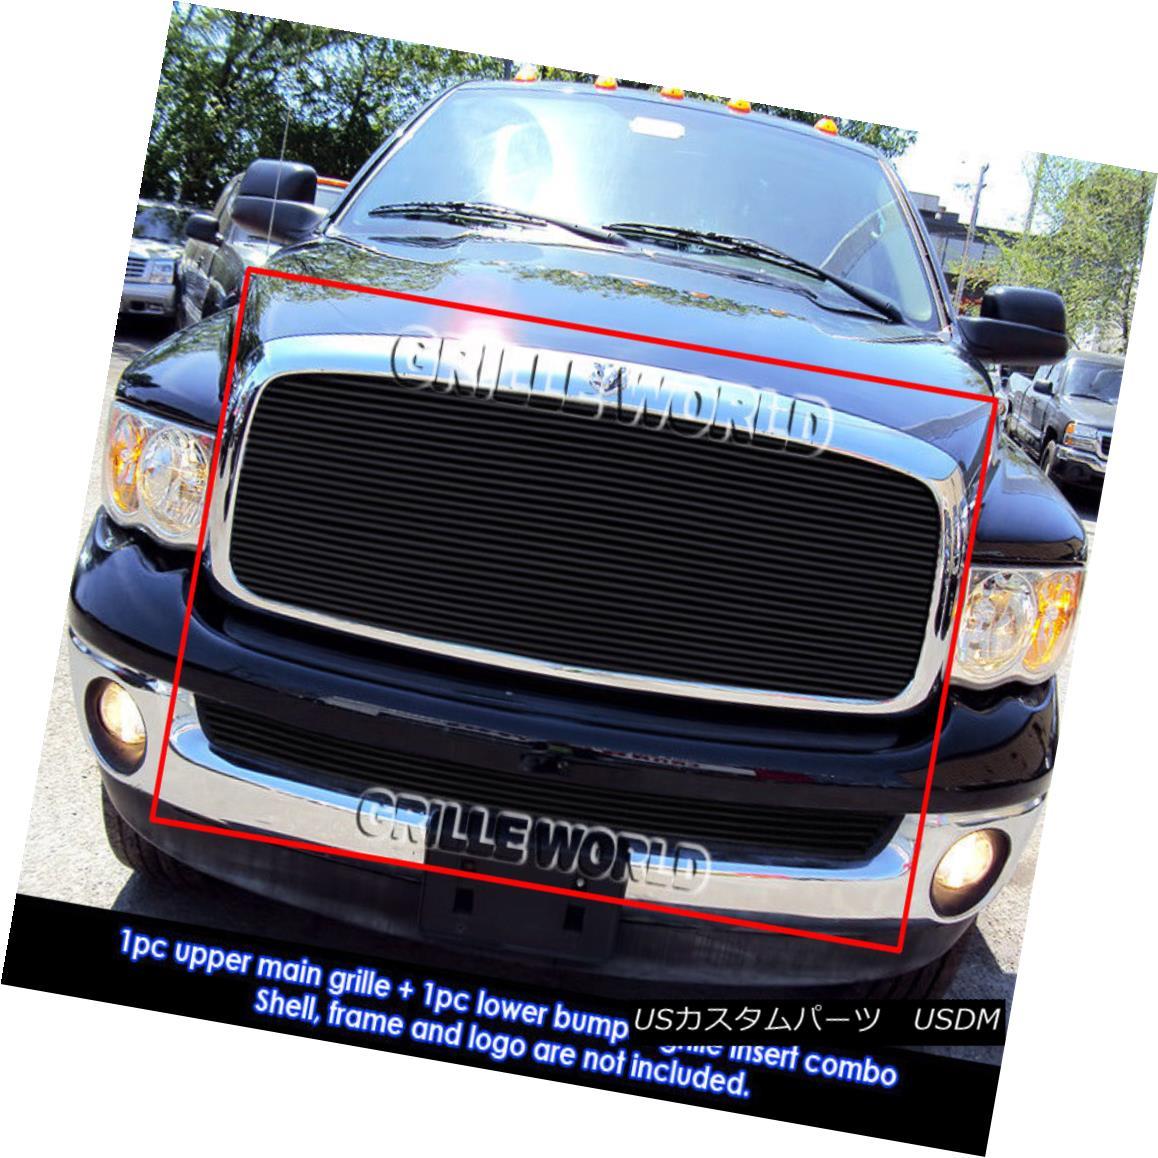 グリル For 02-05 Dodge Ram Regular Model Black Billet Grille Insert Combo 02-05ドッジラムレギュラーモデルブラックビレットグリルインサートコンボ